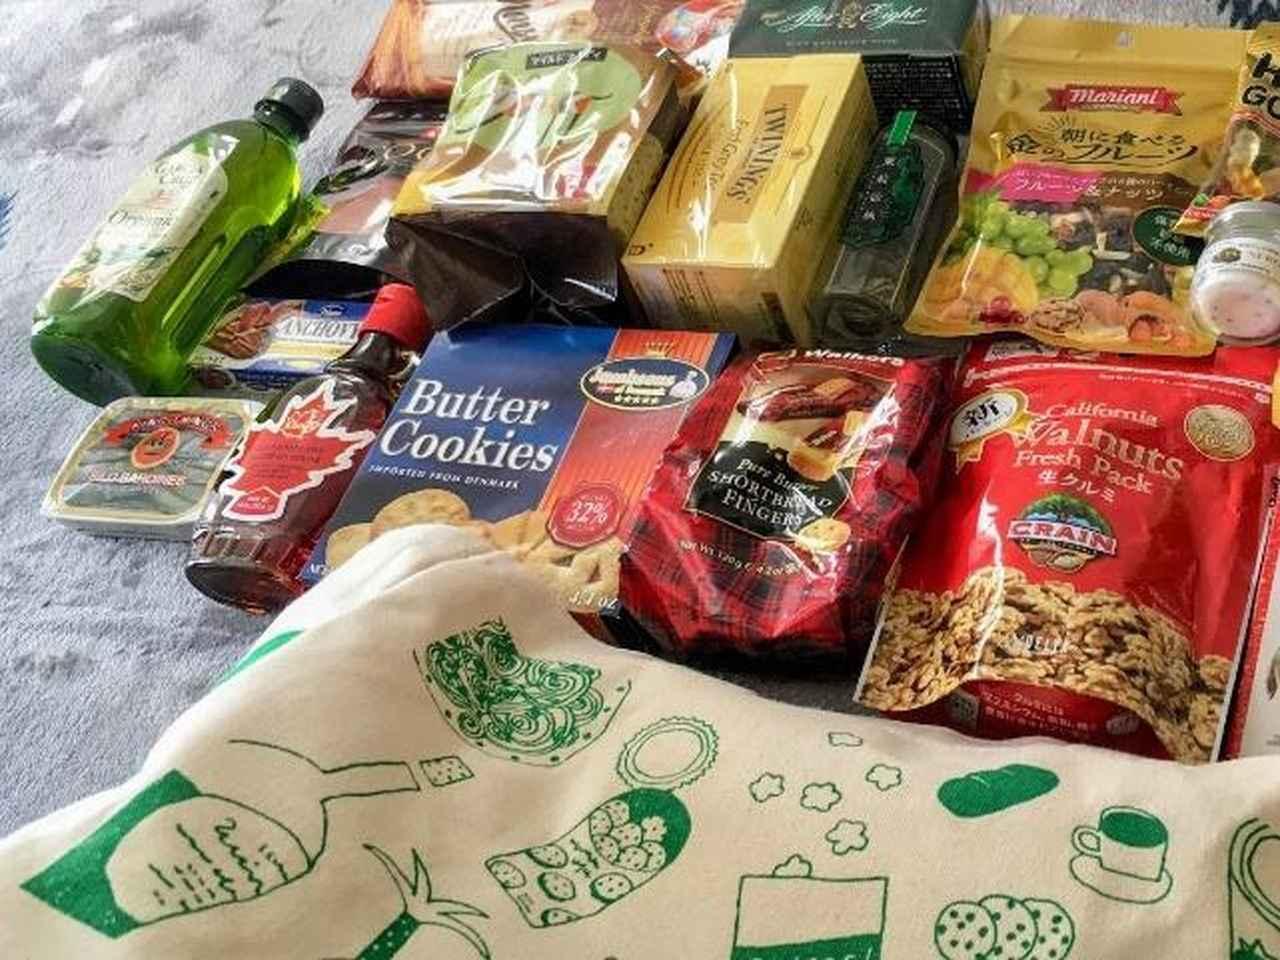 画像: キャンプ飯に飽きたらカルディへ行こう! アウトドアで使いやすい食材おすすめ5選 - ハピキャン(HAPPY CAMPER)